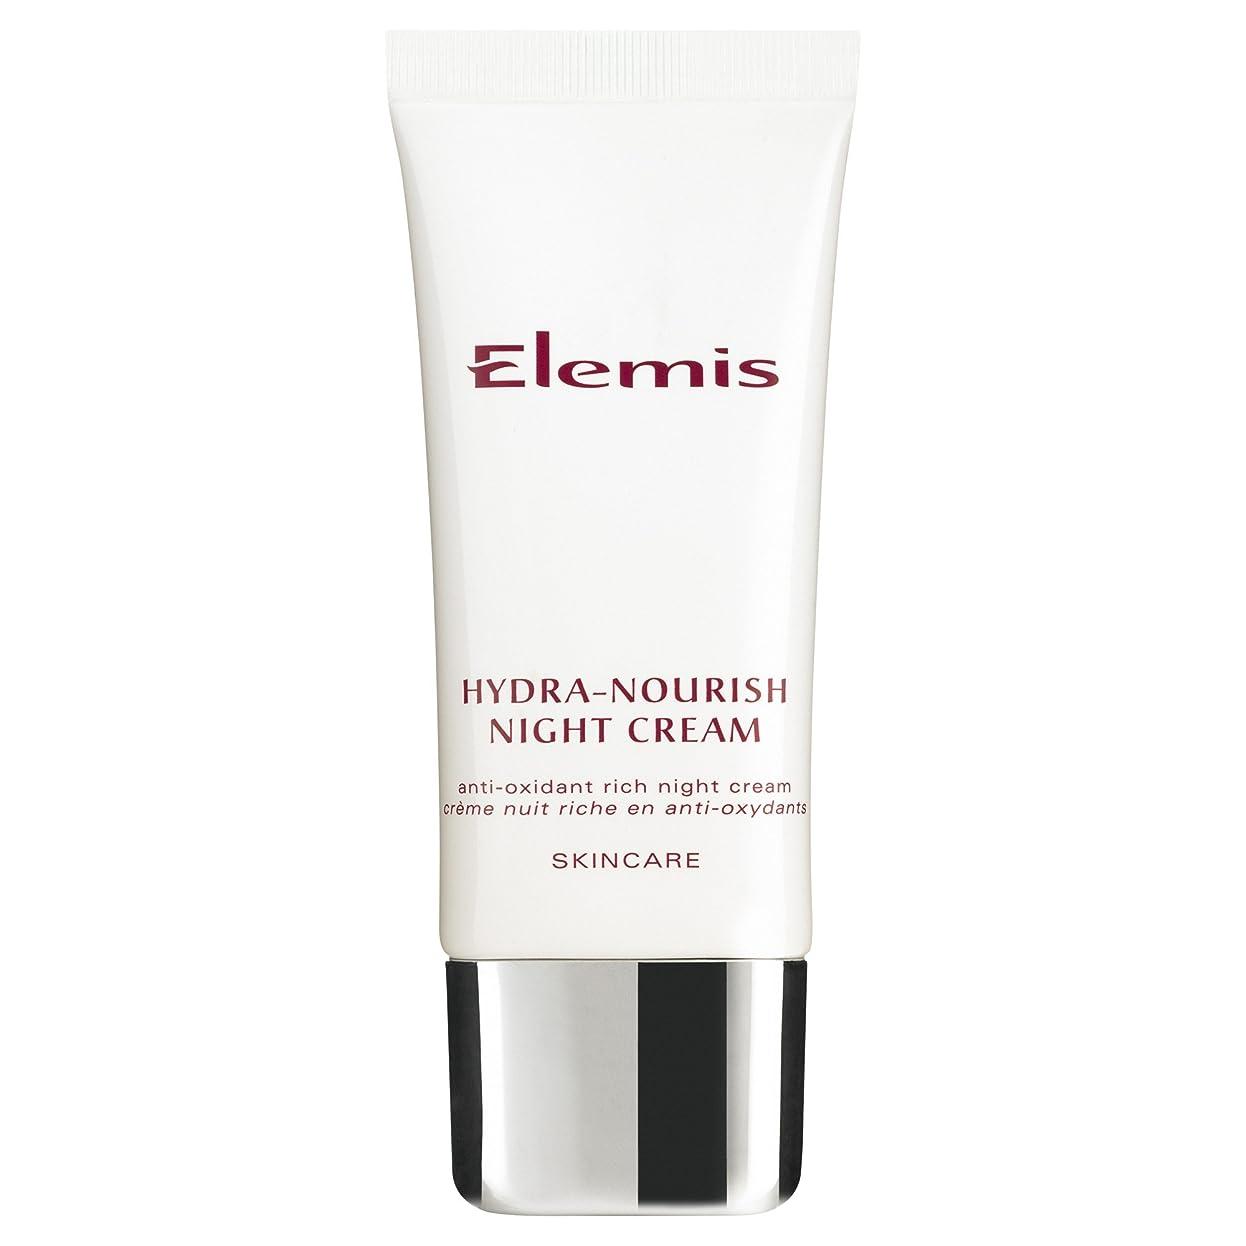 ベーコンネイティブフィルタエレミスヒドラ-ナリッシュナイトクリーム50ミリリットル (Elemis) (x6) - Elemis Hydra-Nourish Night Cream 50ml (Pack of 6) [並行輸入品]